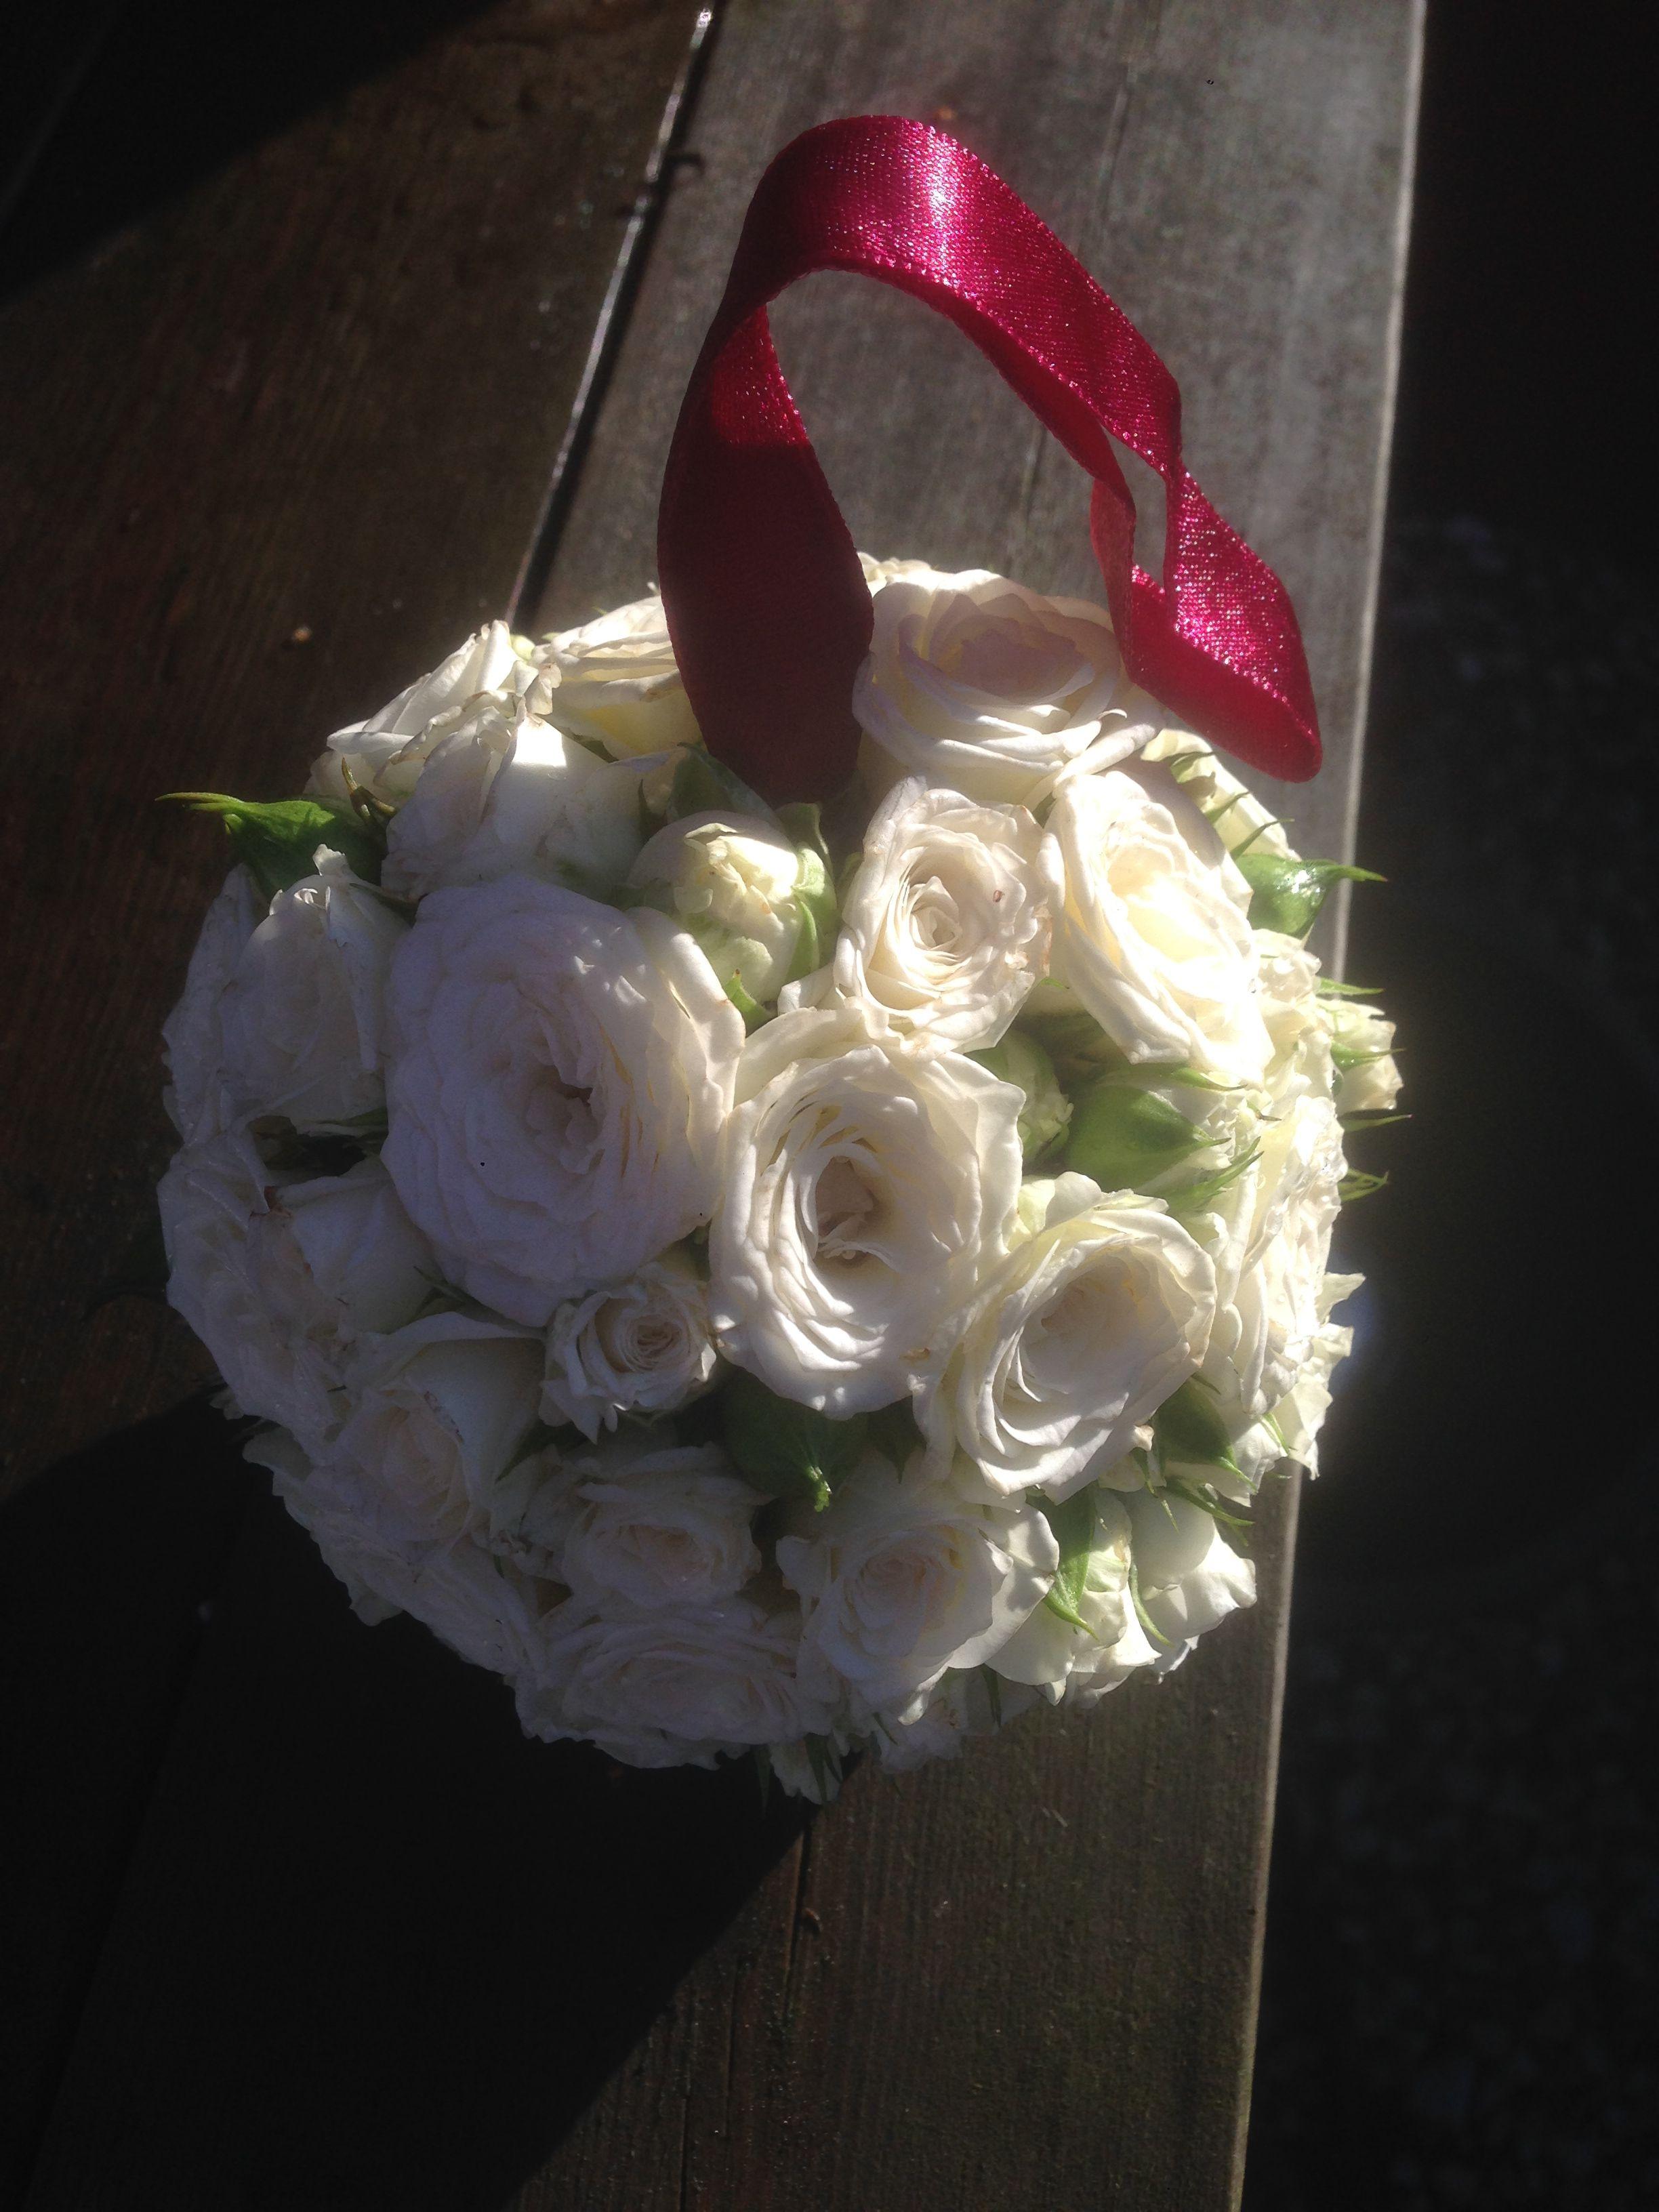 029901555576 Näbboll med vita kvistrosor och vinrött sidenband